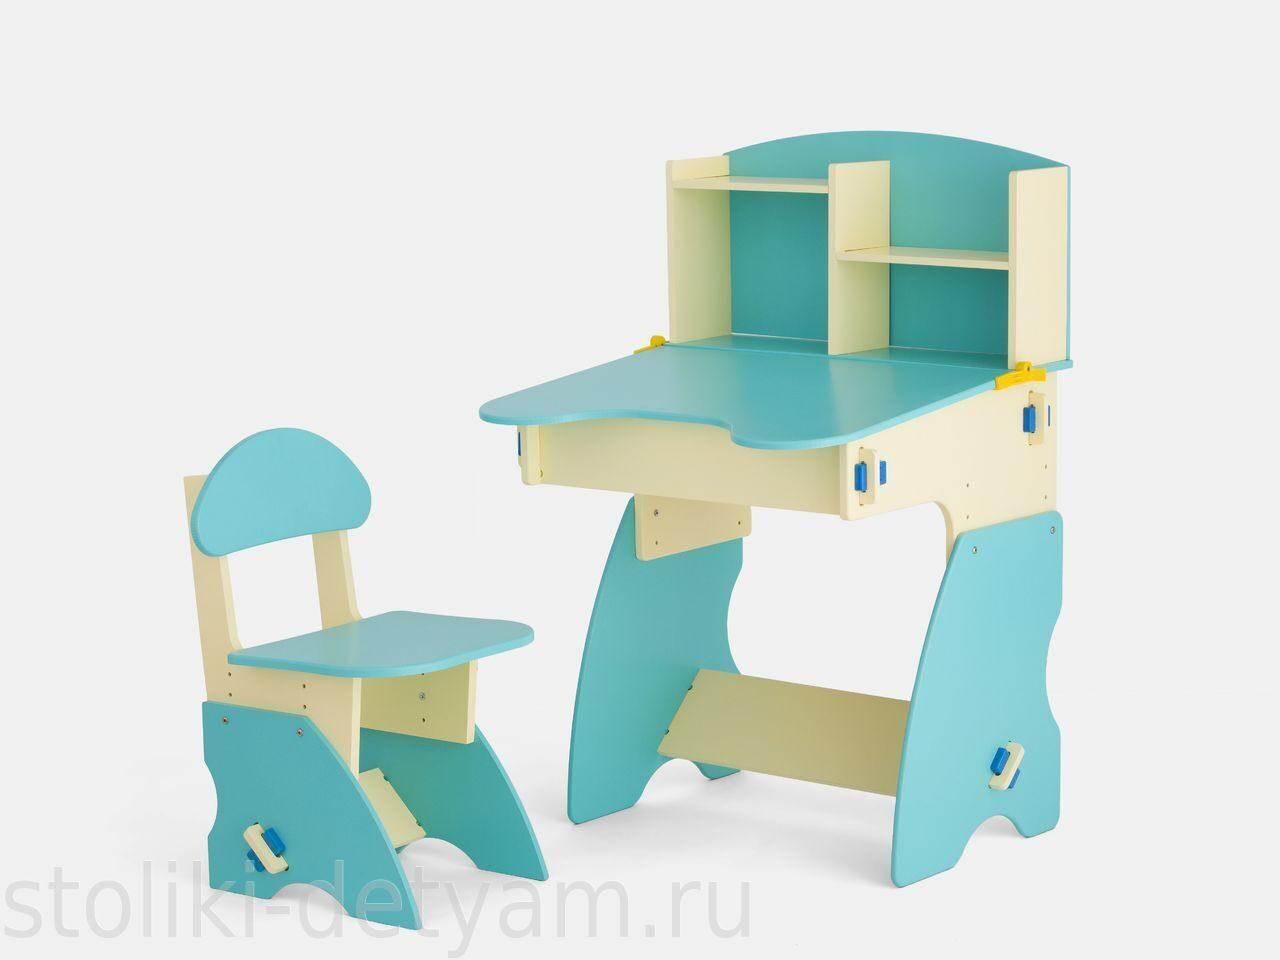 Детский столик с полочками, бежево-бирюзовый ББ-2 Столики Детям